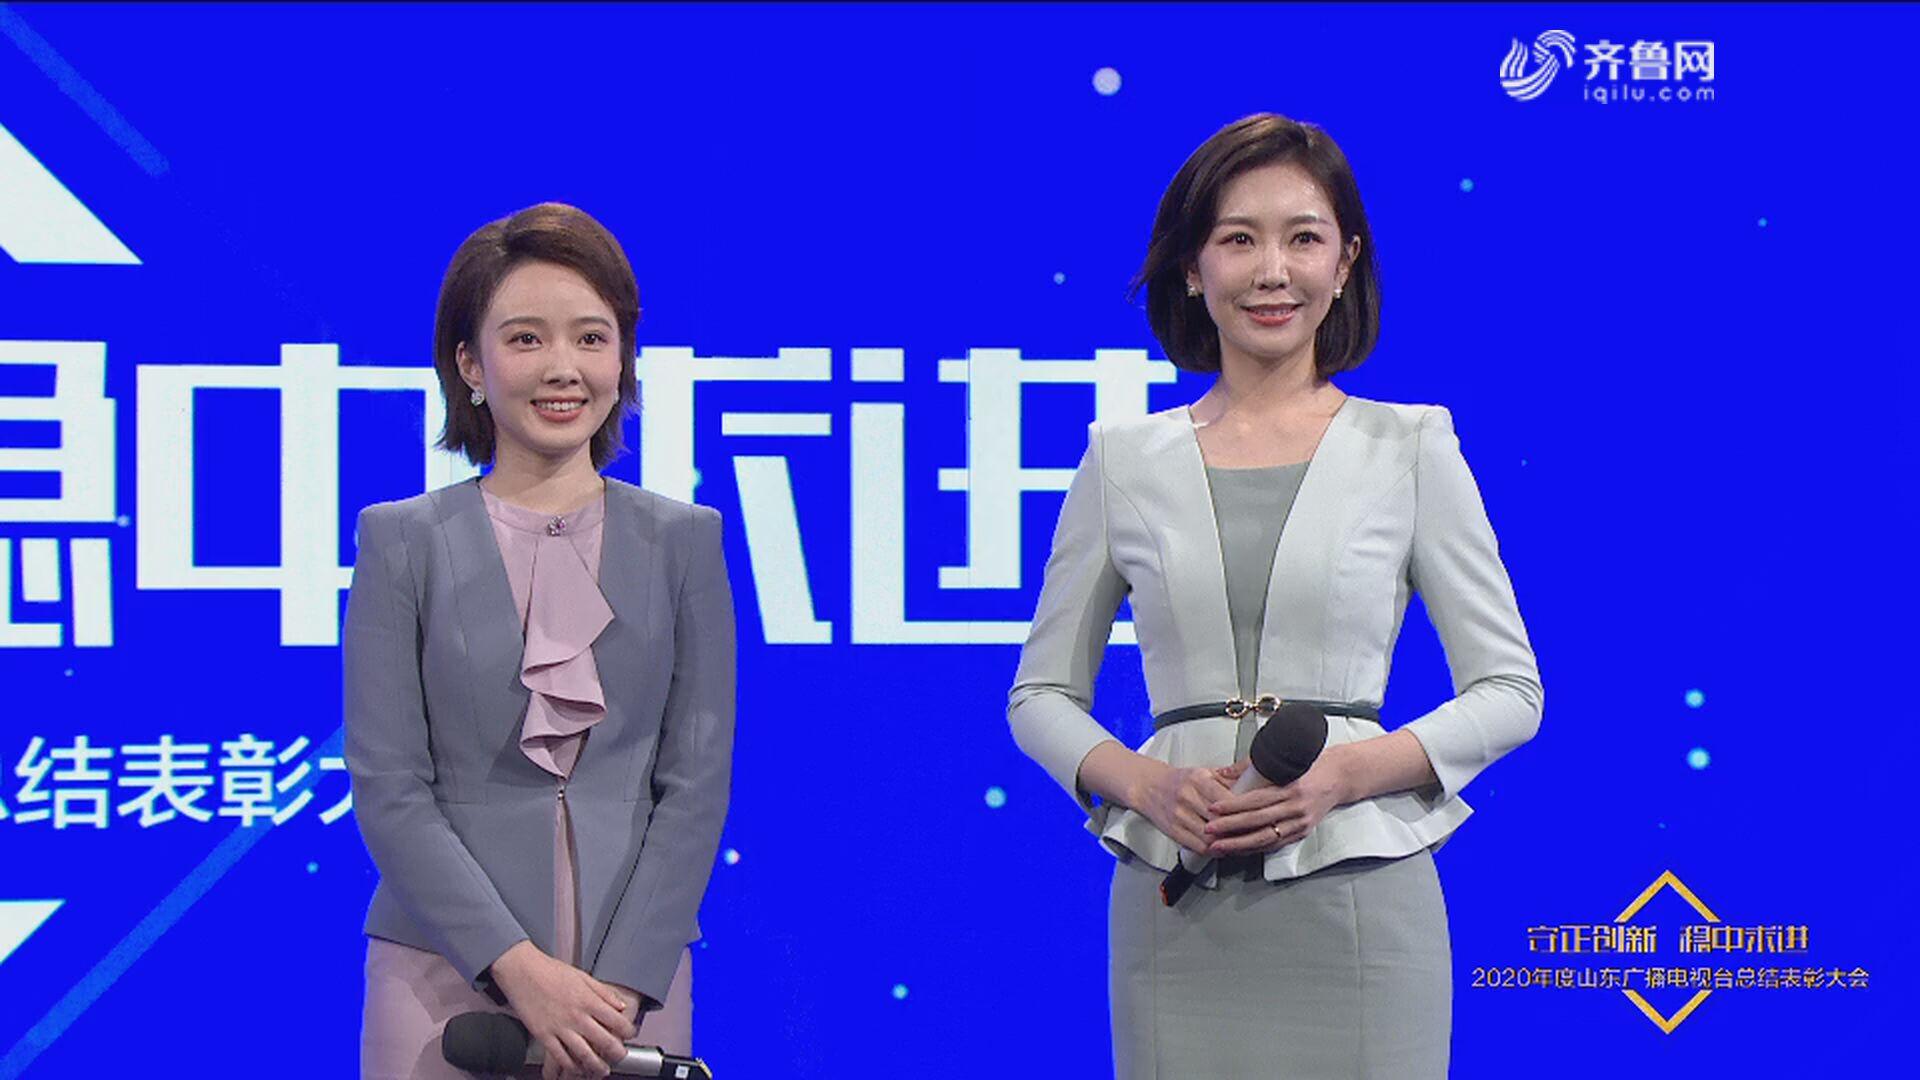 2020年山东广电总结表彰大会|主力军在主阵地,我们会拥抱更大的梦想!